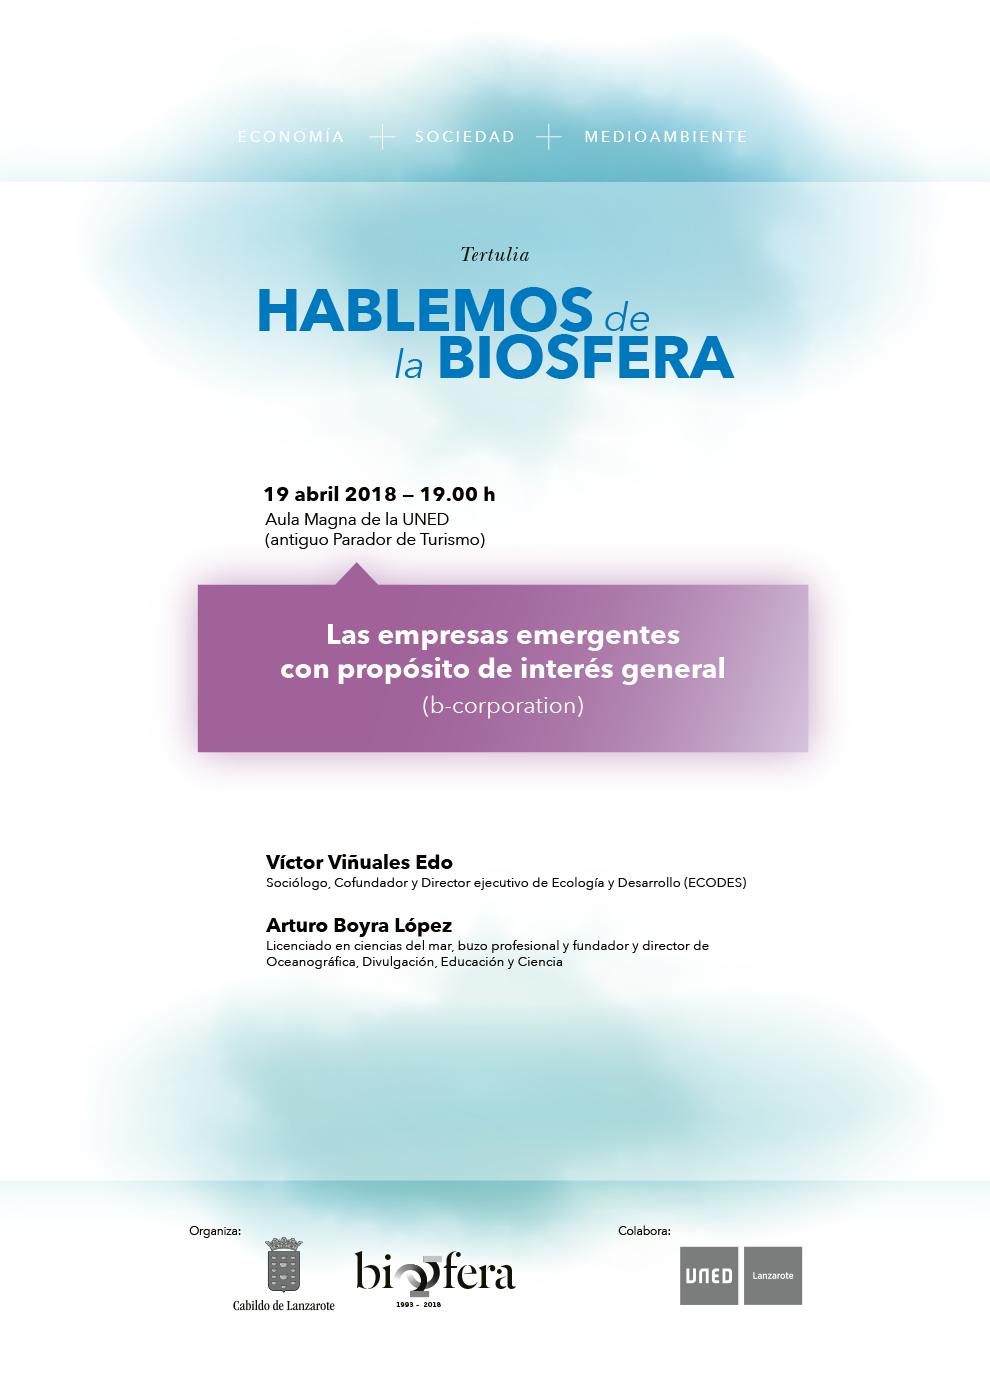 La sostenibilidad aplicada a las políticas empresariales y el movimiento internacional 'B-Corporation', temas de las próximas charlas de la Reserva de la Biosfera